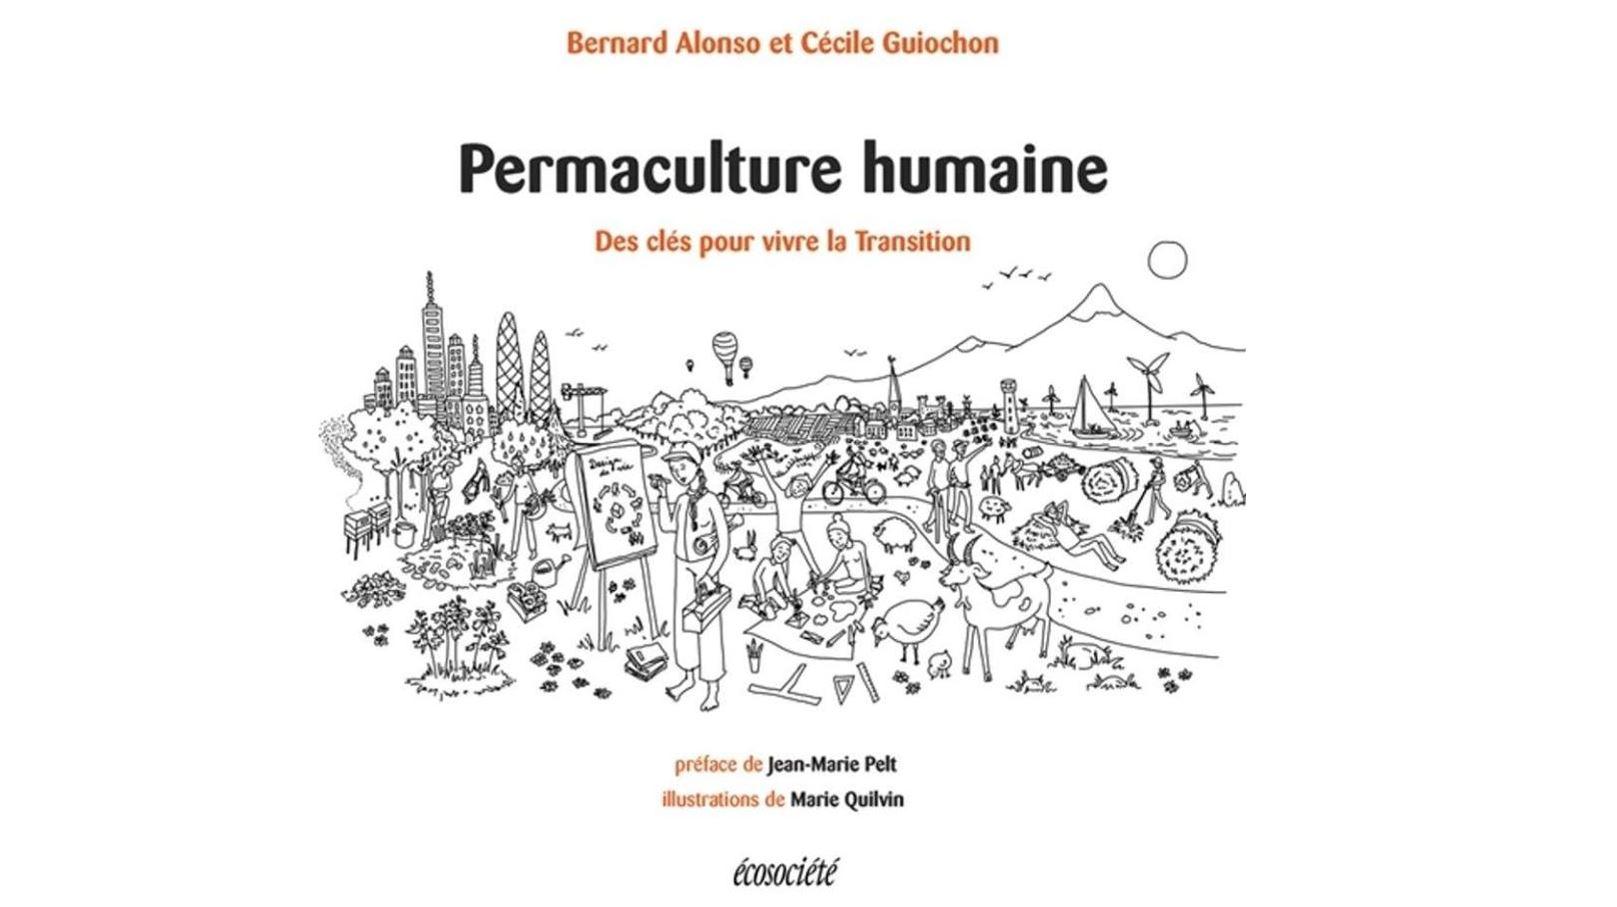 Découvrir la permaculture humaine !